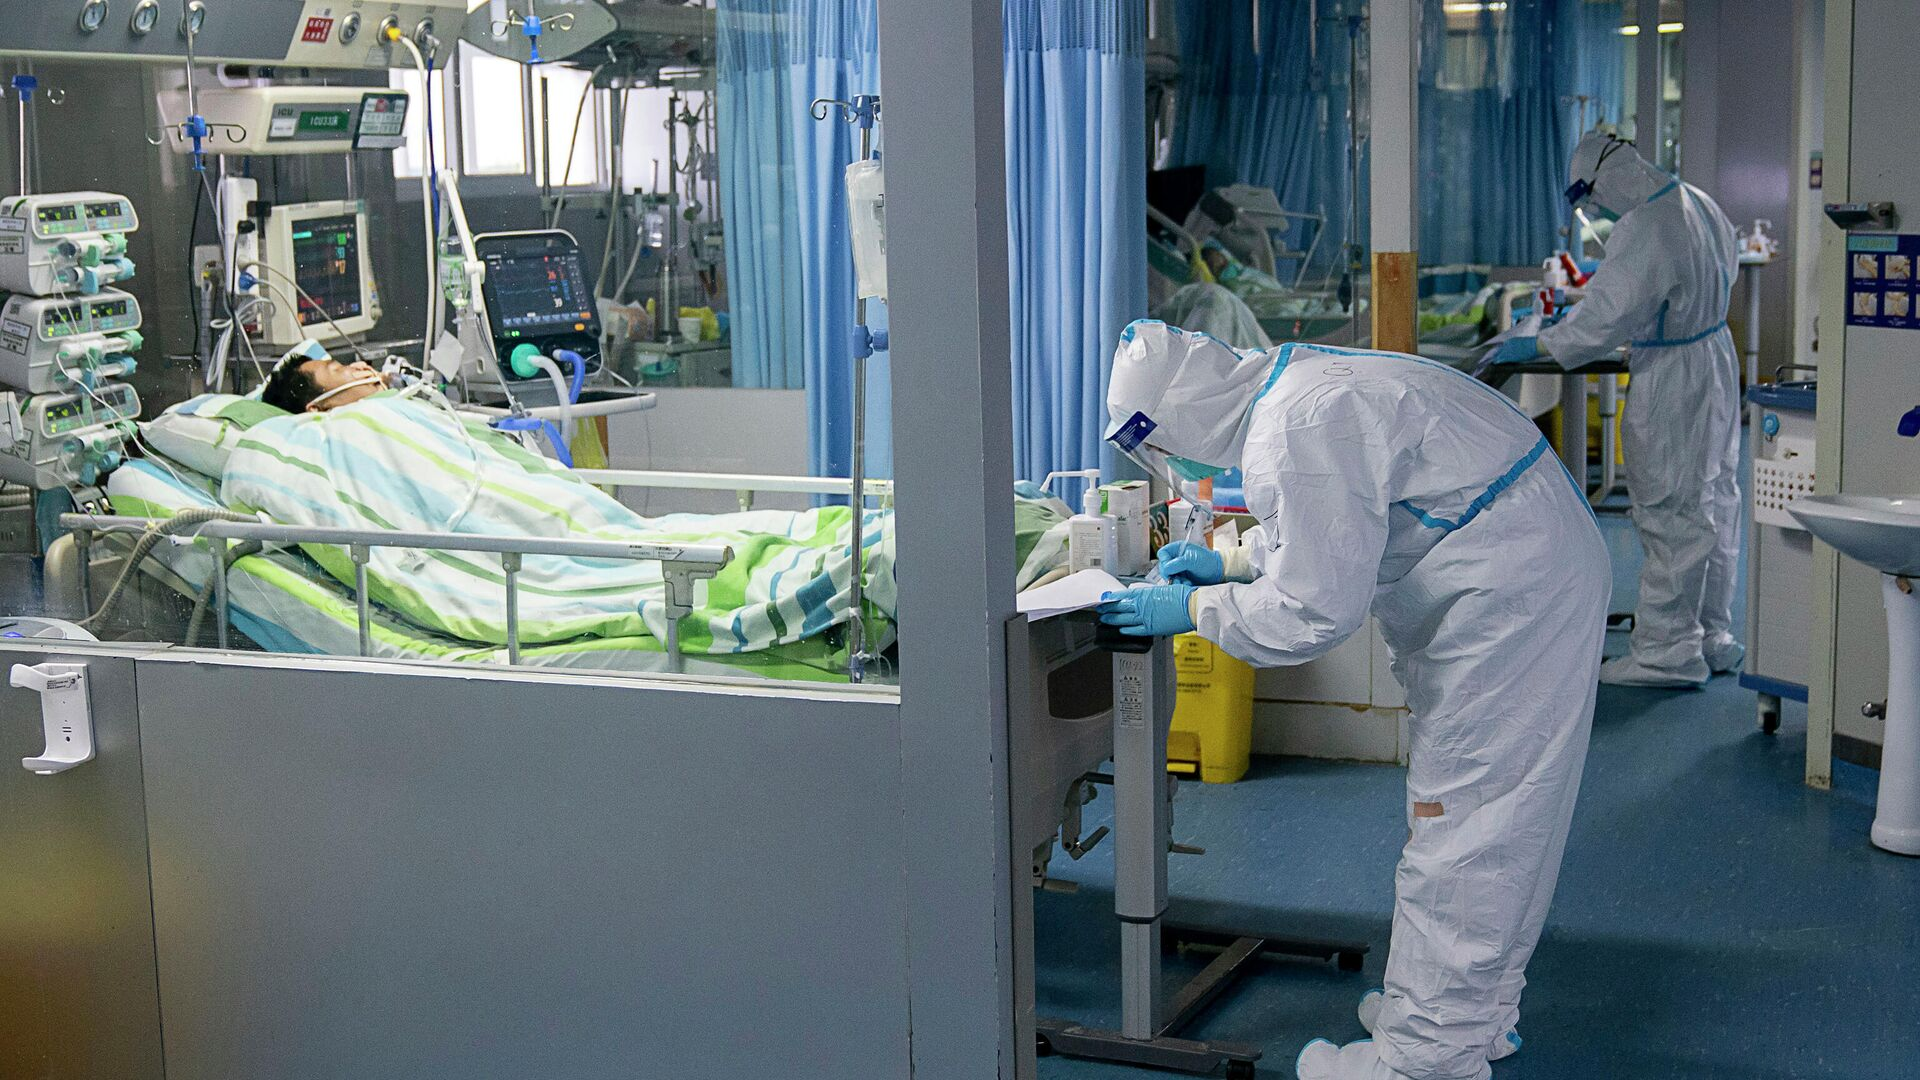 Медицинские работники и пациенты в палате интенсивной терапии в больнице города Ухань, КНР - РИА Новости, 1920, 30.05.2021